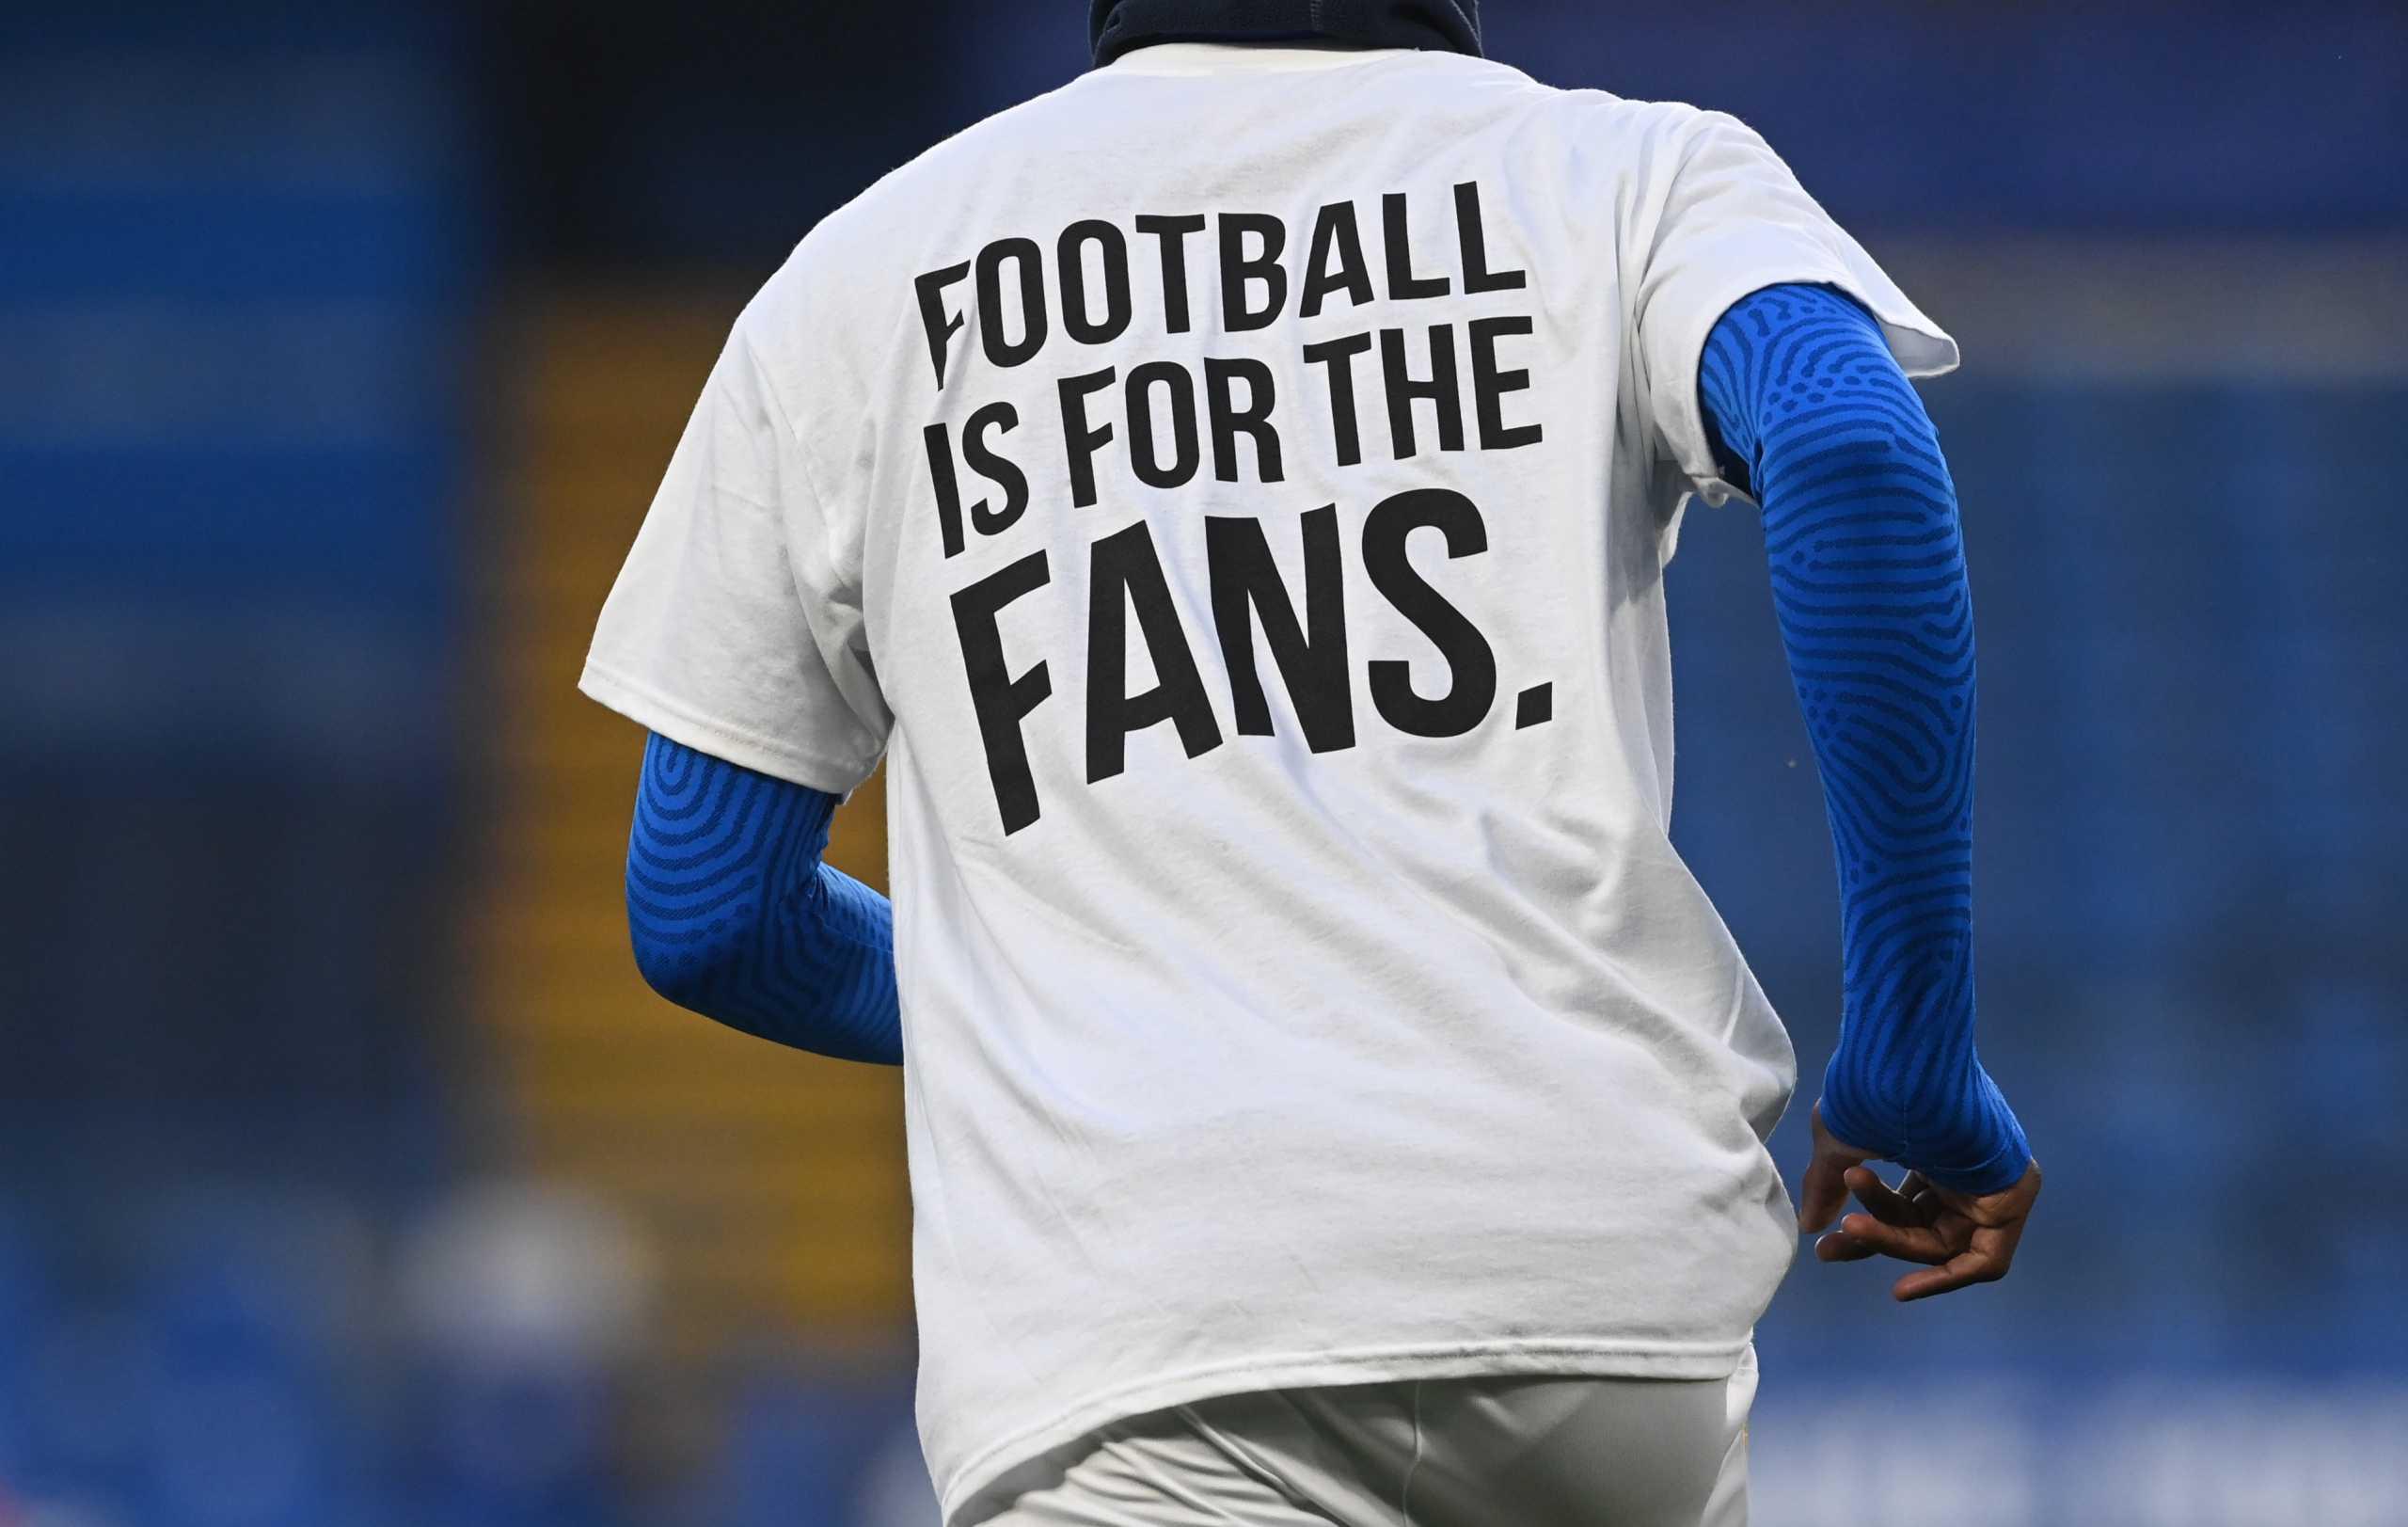 Αγγλία: Αλλάζουν οι νόμοι για τις ιδιοκτησίες ομάδων, «δεν θα τους αφήσουμε να μας πάρουν το άθλημα»